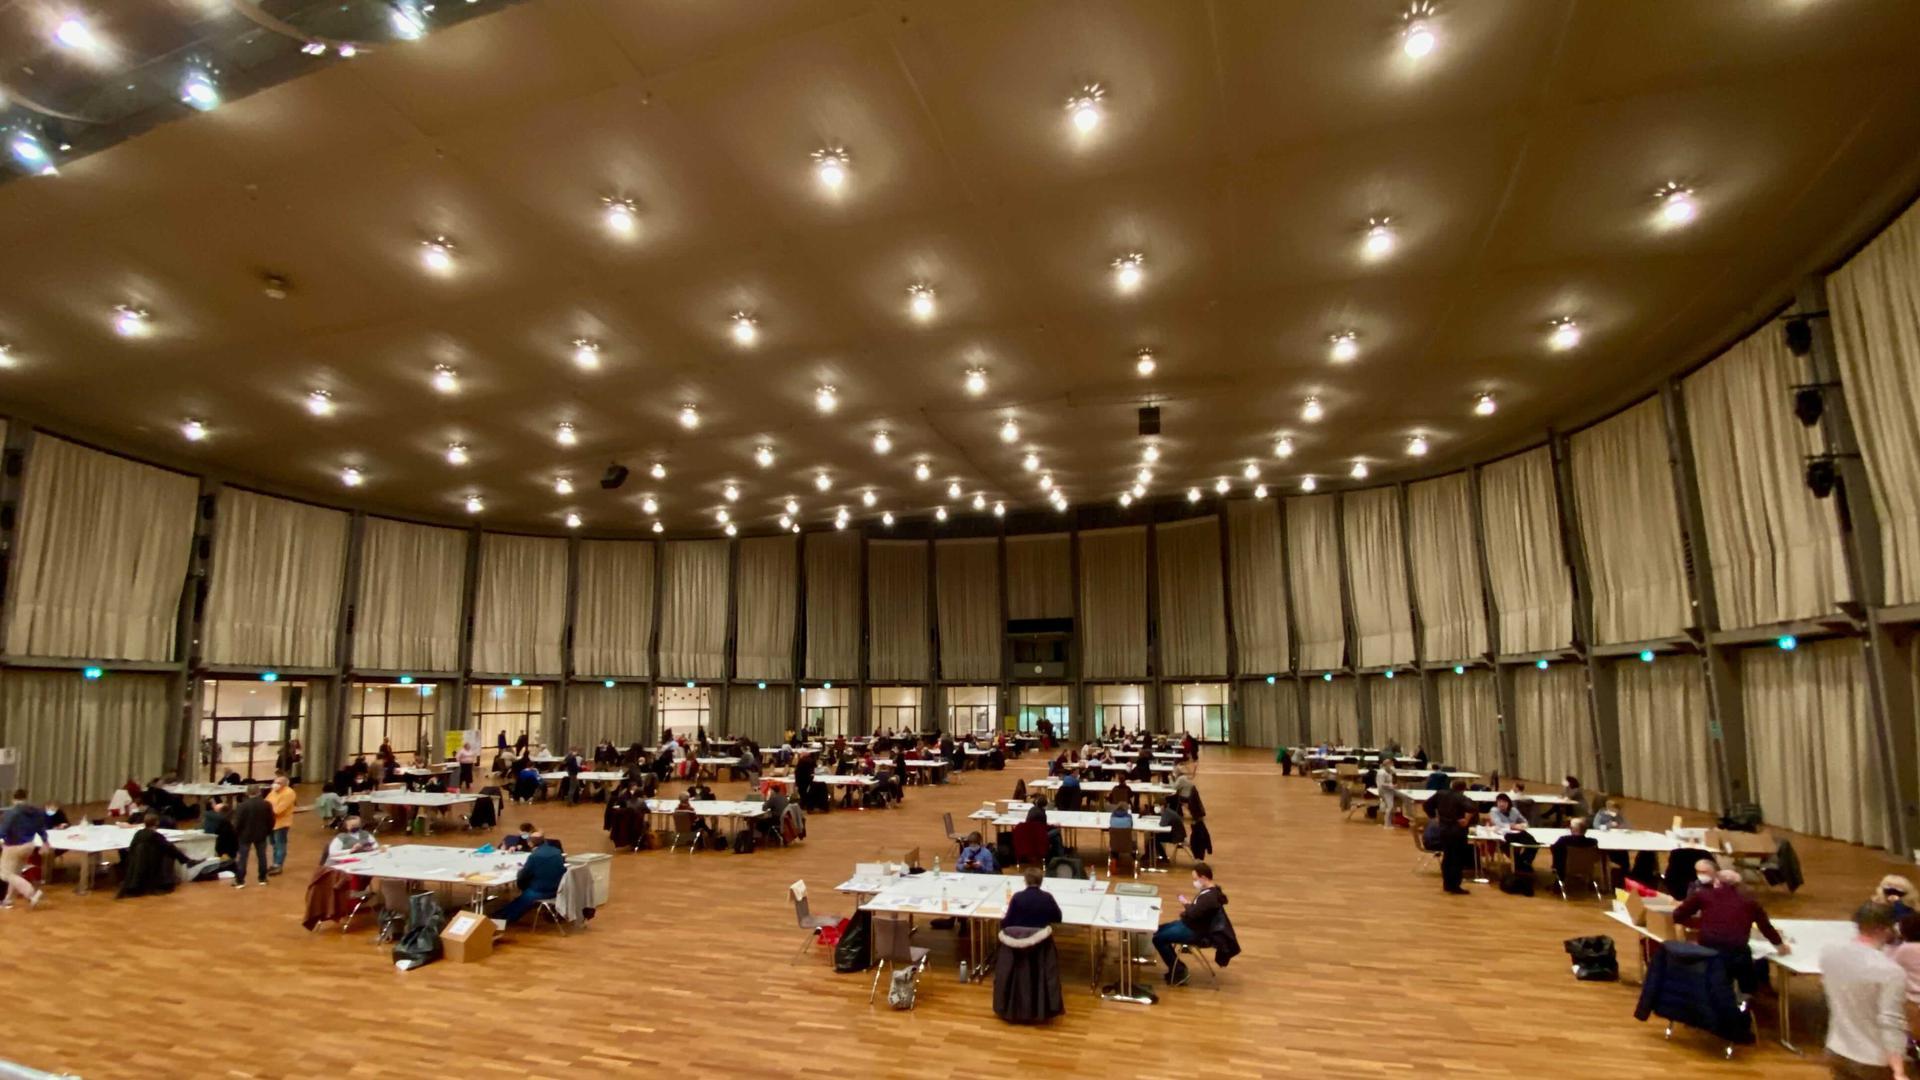 In der Schwarzwaldhalle fand die Auszählung der Briefwahlstimmen statt.